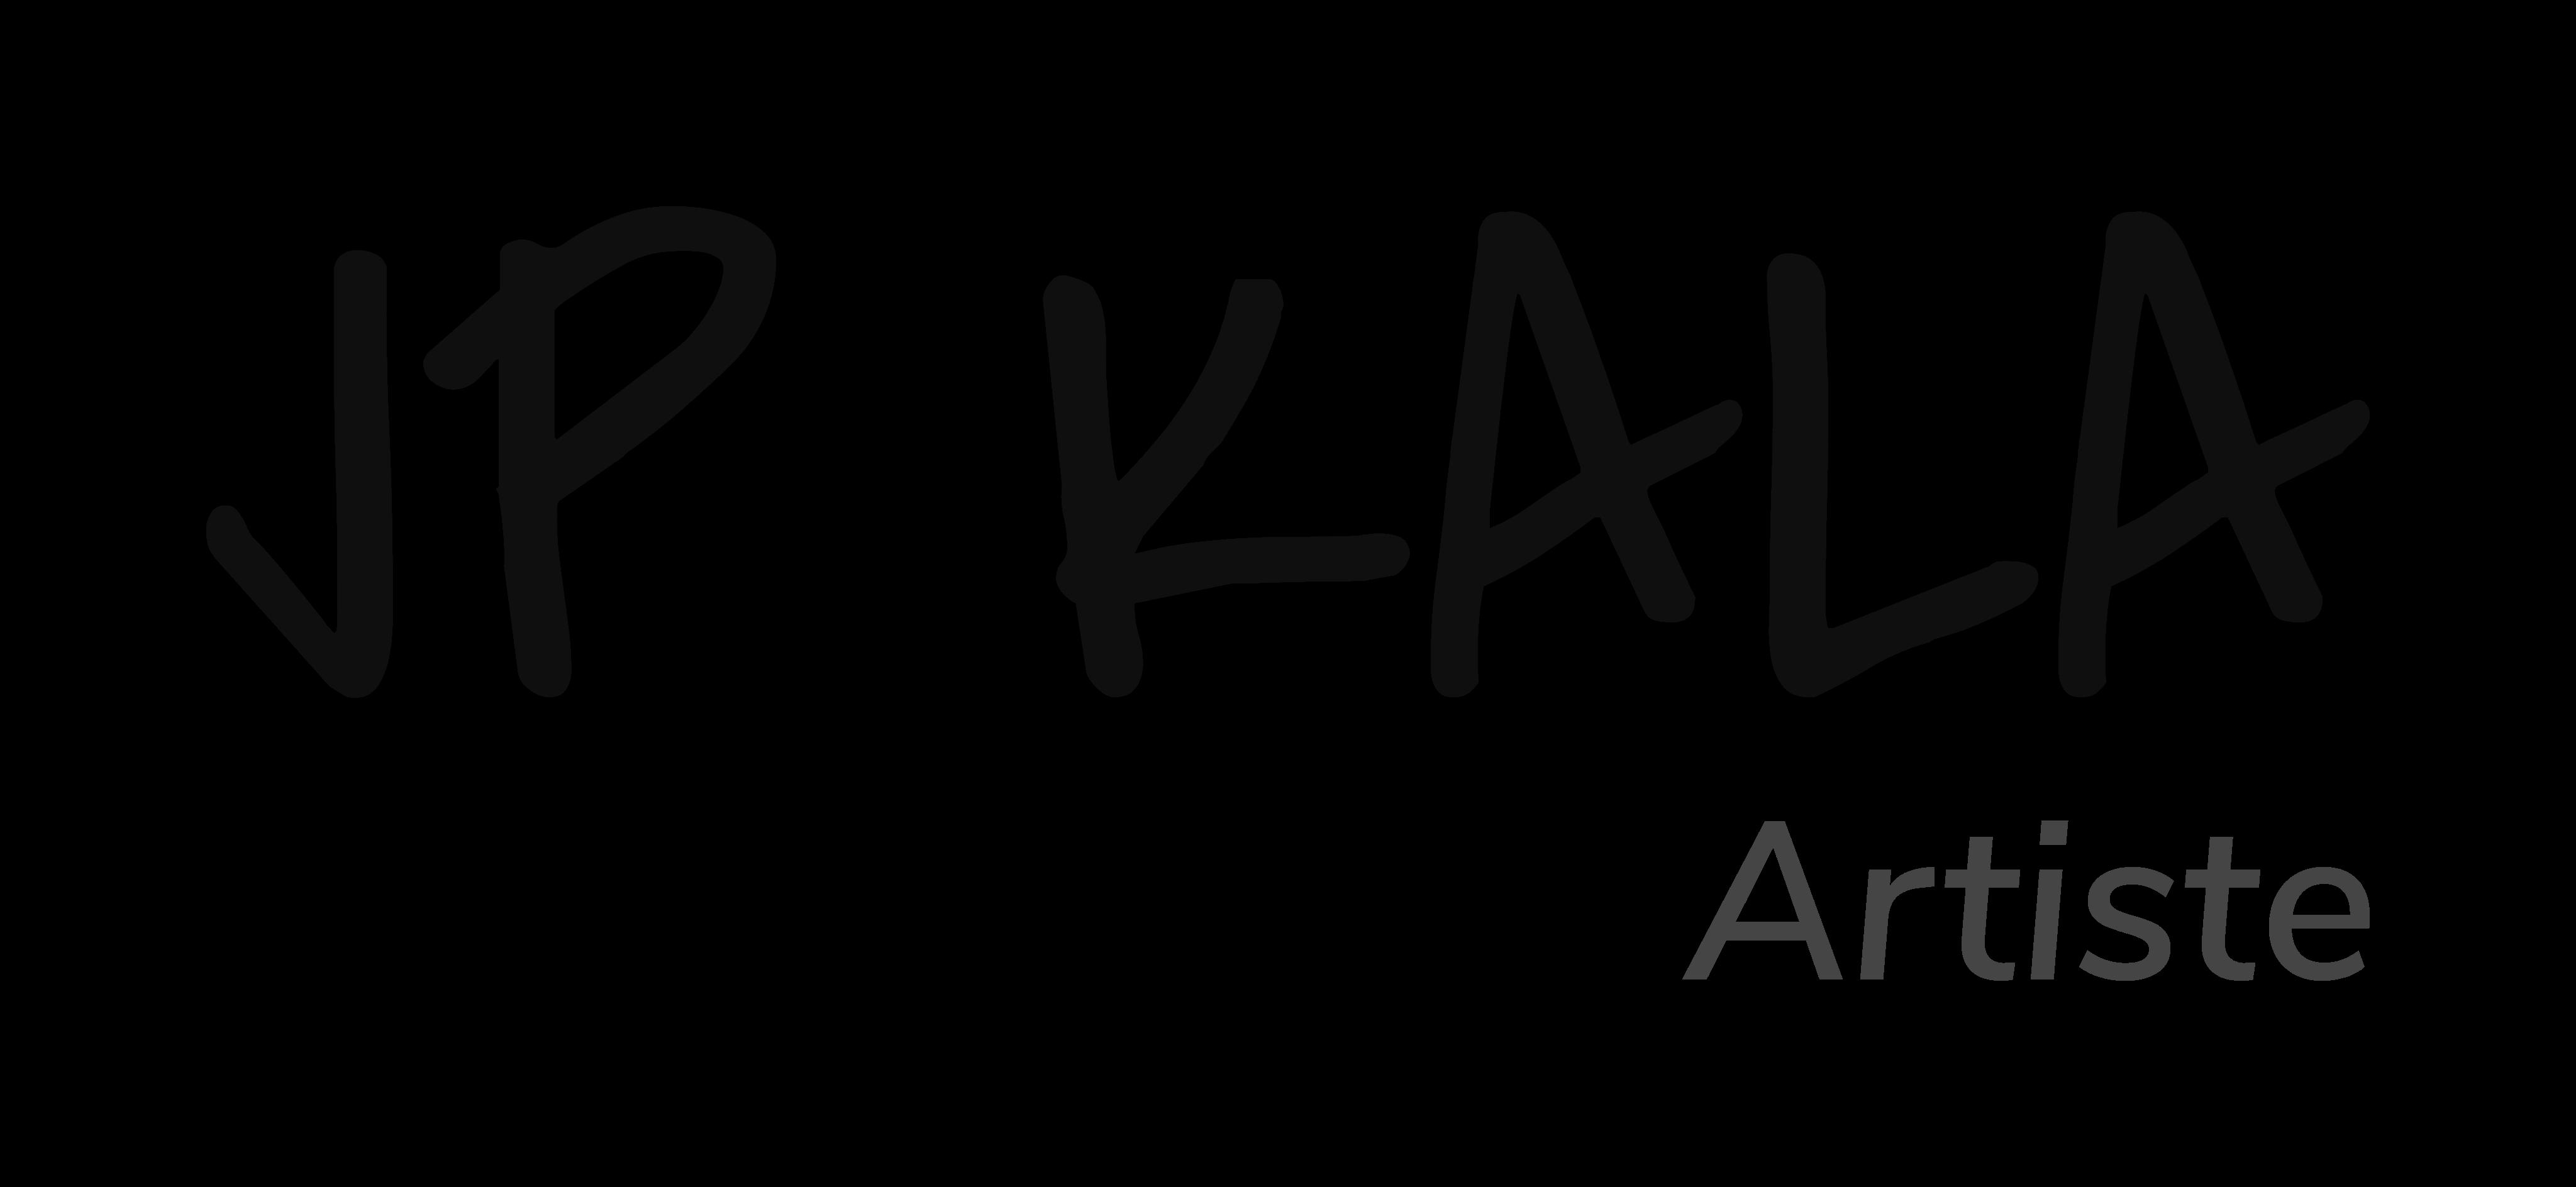 www.jeanpaulkala.com